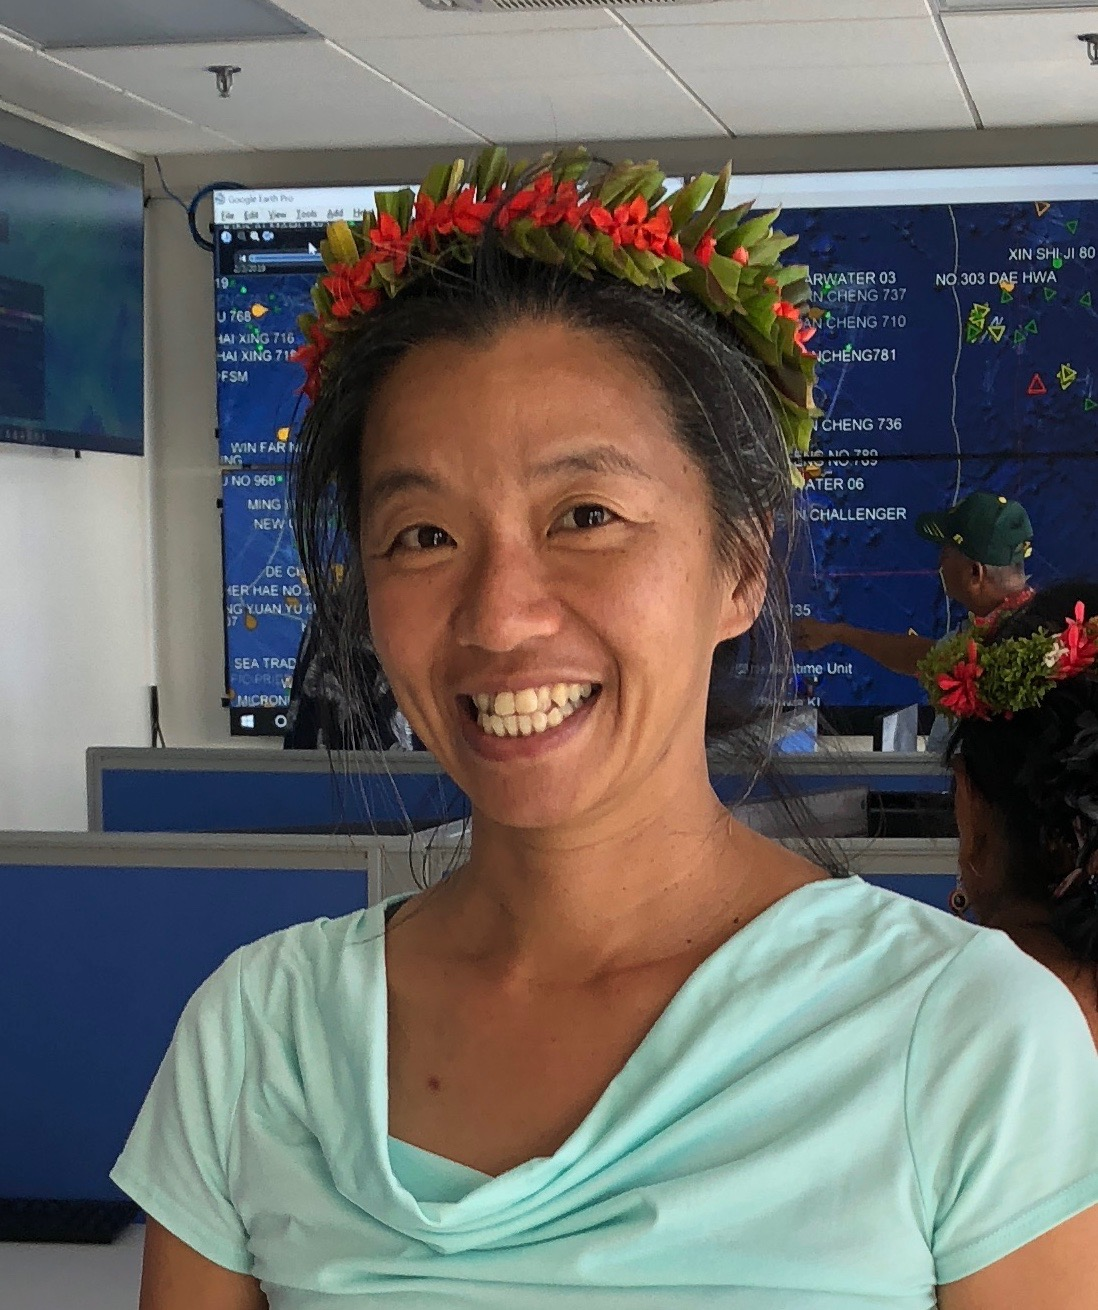 Head shot of  Ming Wei wearing a flower lei.